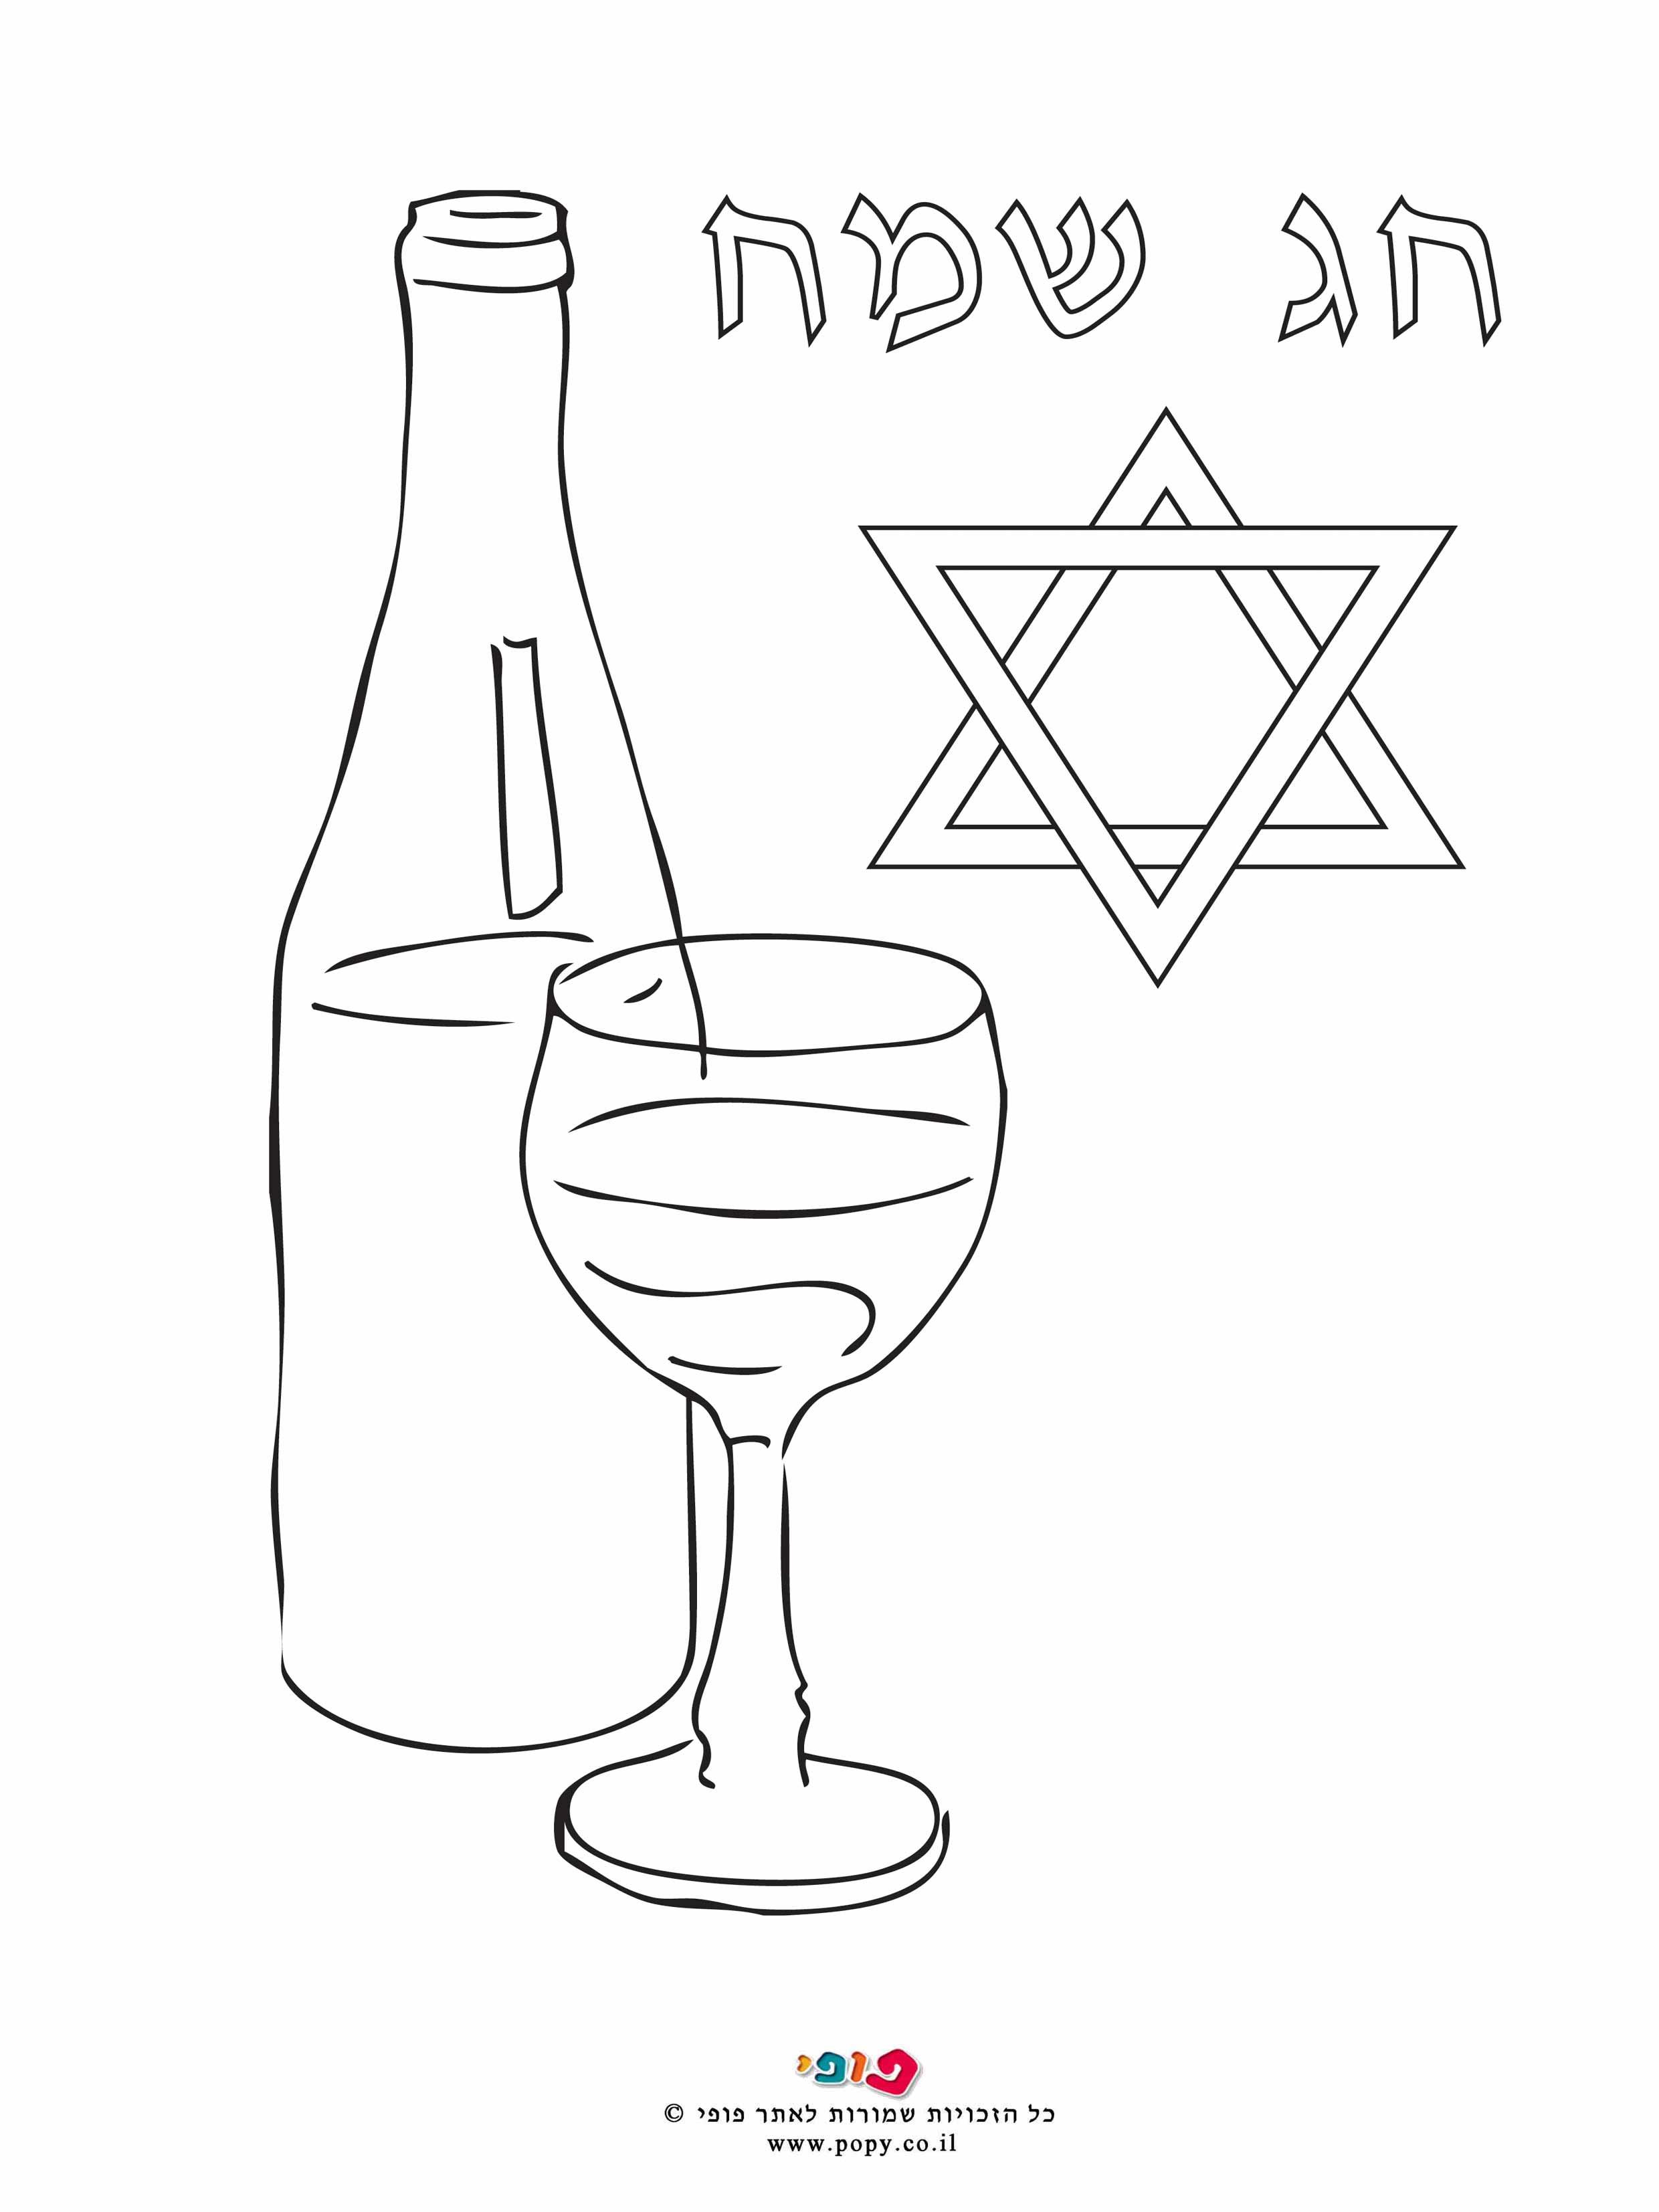 דף צביעה לחג ראש השנה, יין וכוס לקידוש